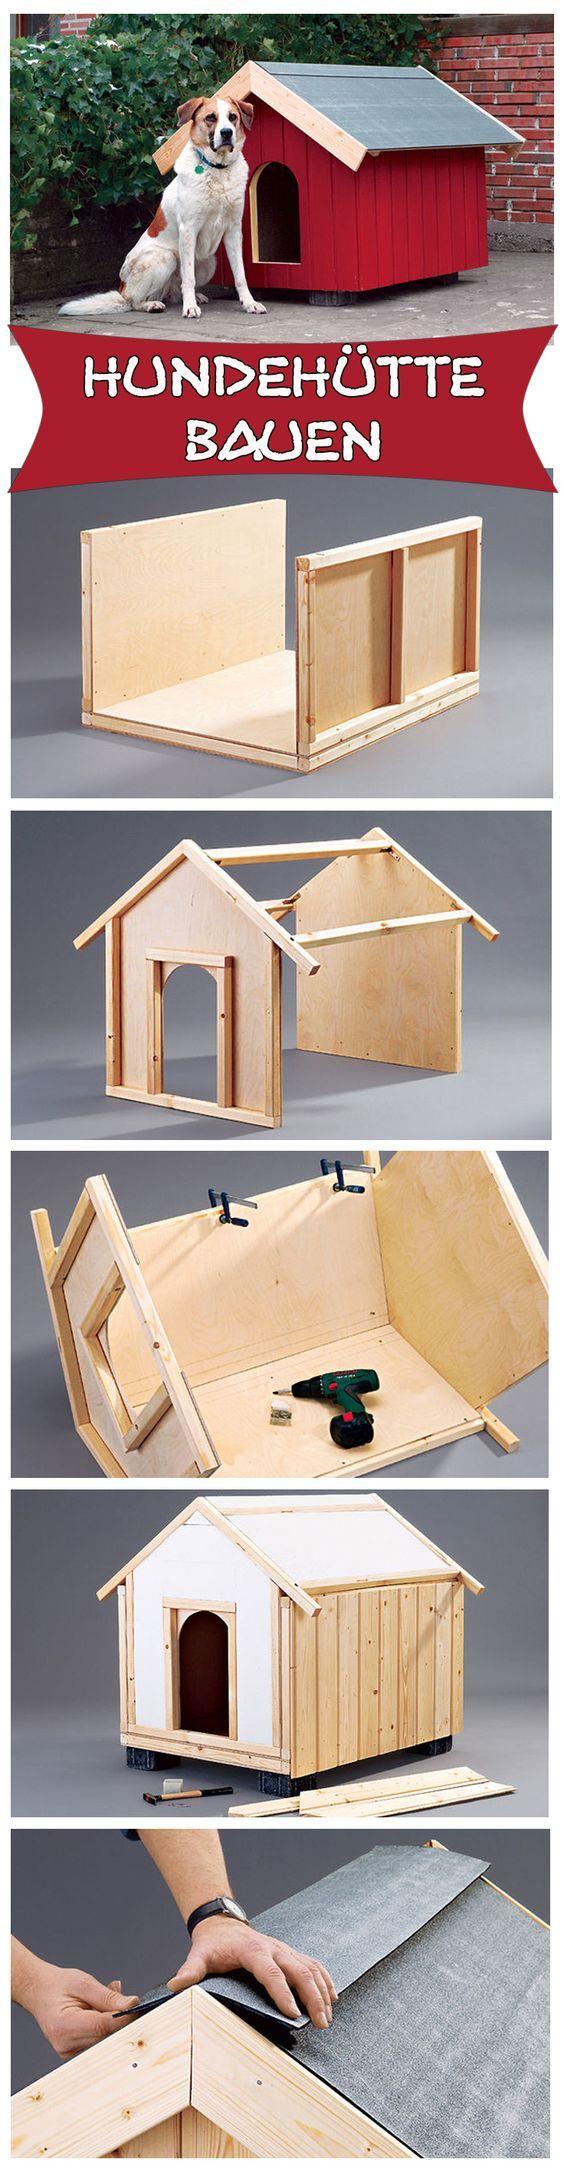 25 einzigartige hundeh tte selber bauen ideen auf pinterest hundeh tte bauen ein hundehaus. Black Bedroom Furniture Sets. Home Design Ideas